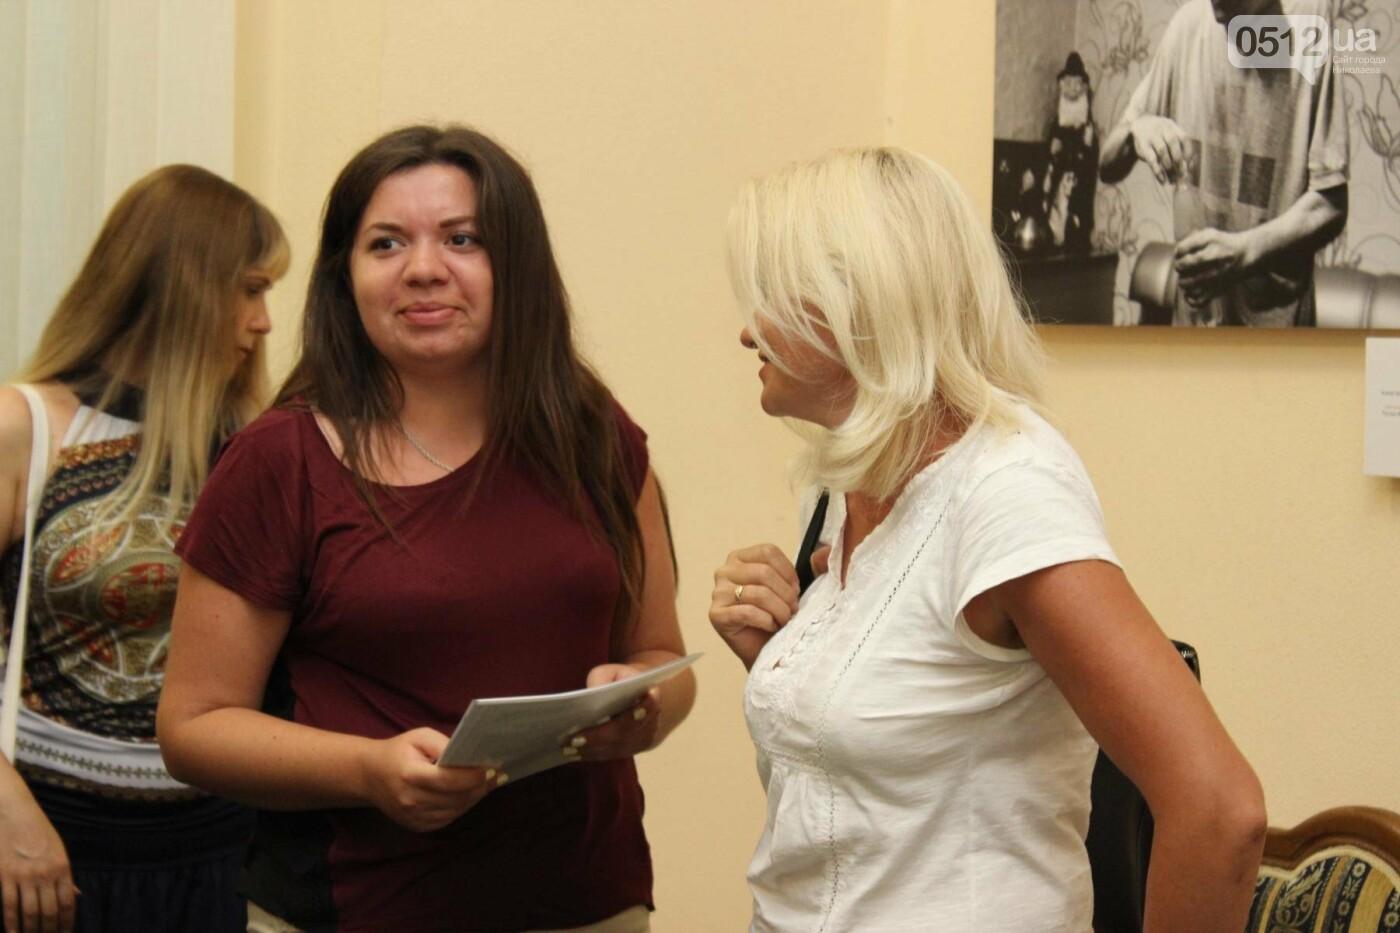 В Николаеве прошла фото-выставка людей, которые борются за жизнь, - ФОТО, фото-10